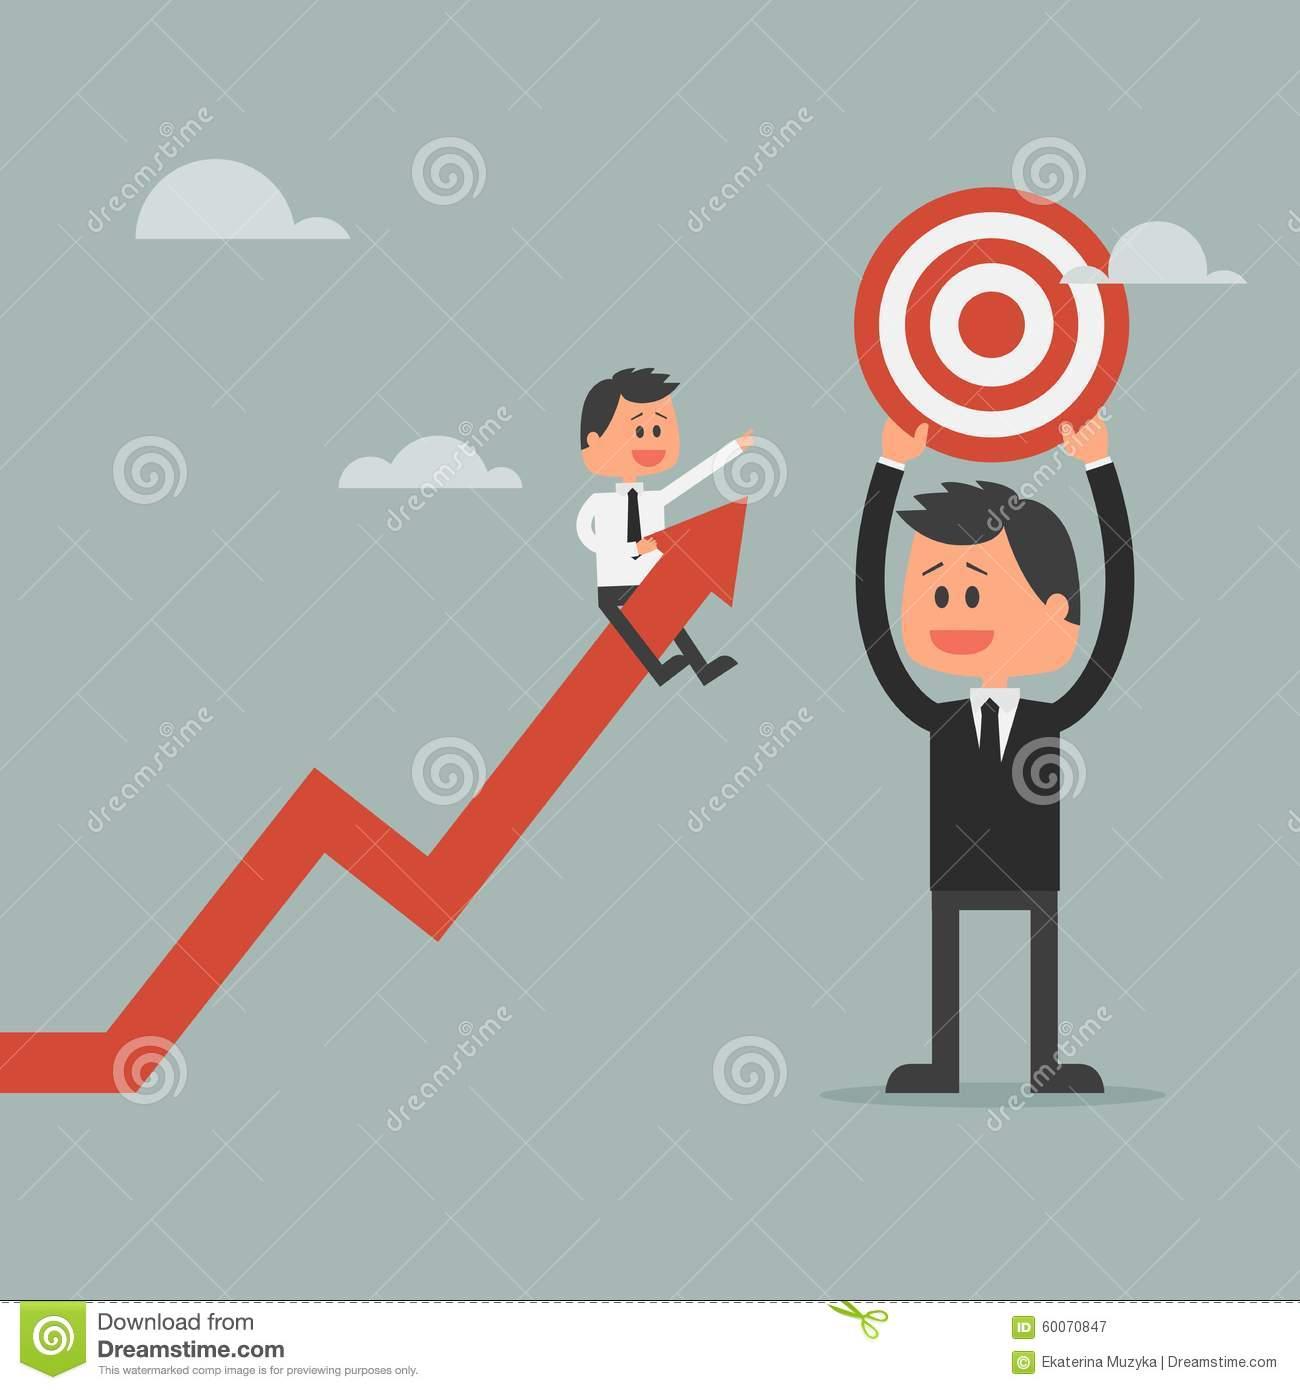 Motivation clipart achievement motivation. Station